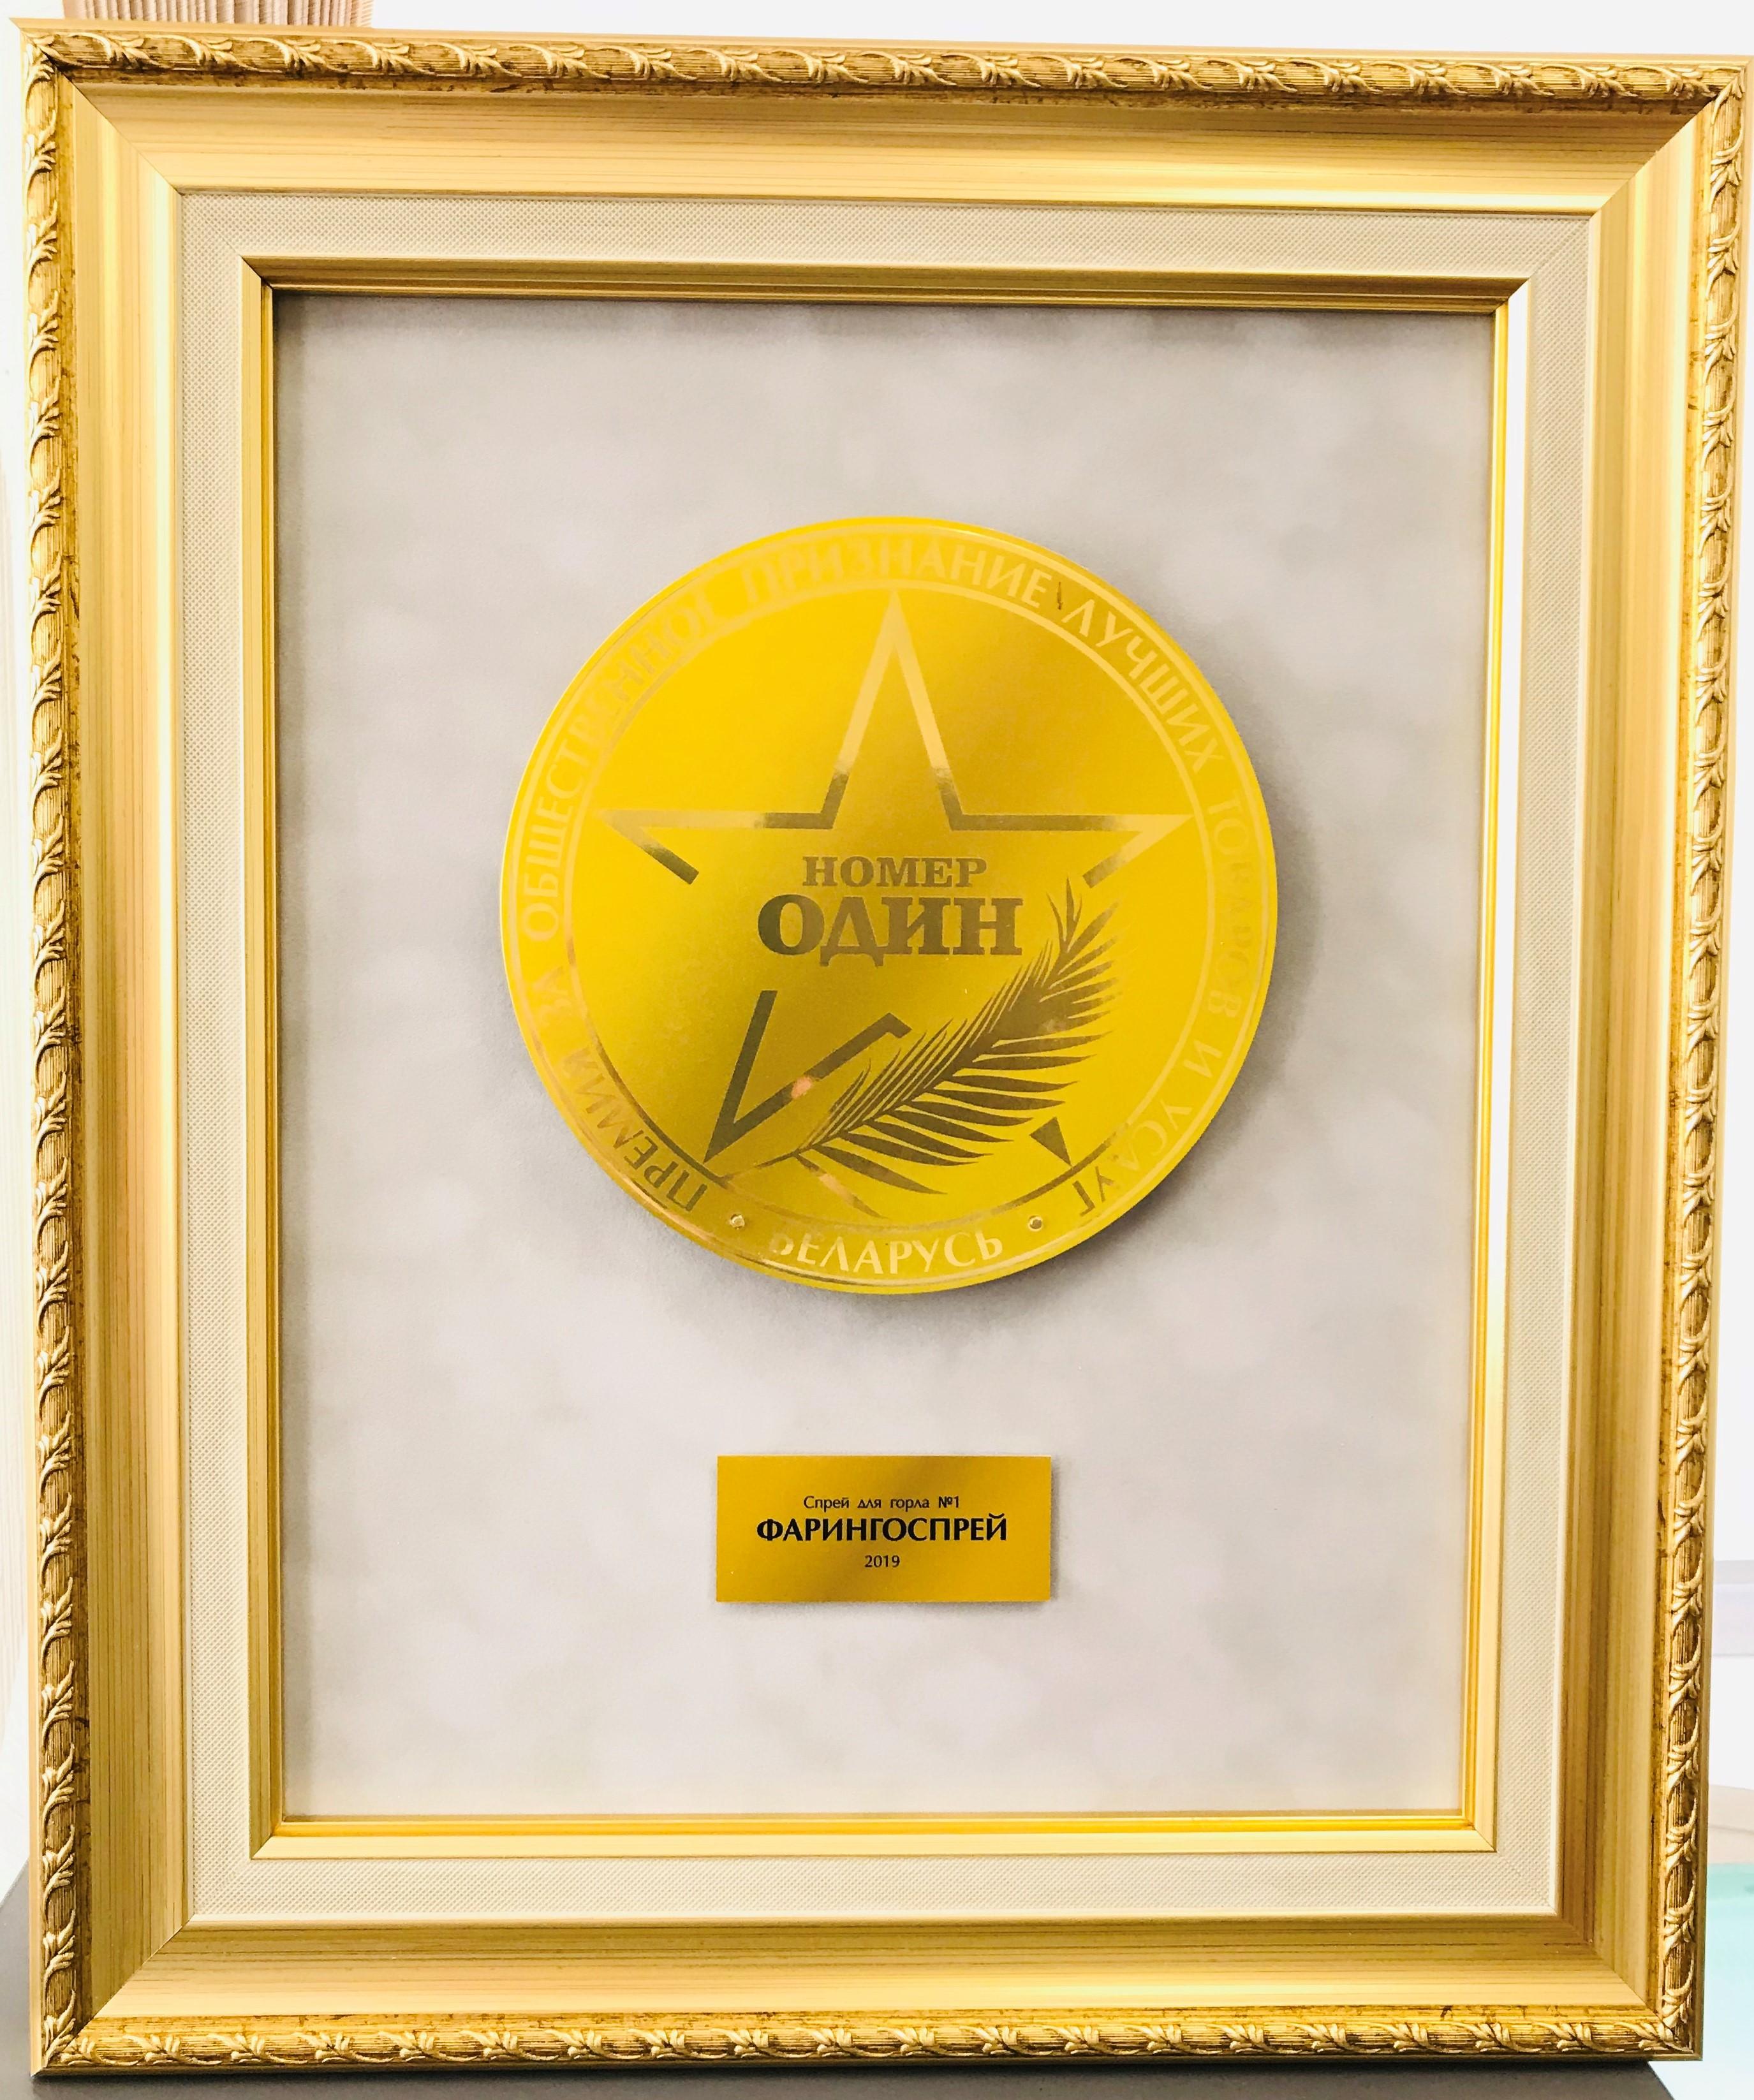 Диплом победителя премии «Номер Один» в номинации «Спрей для горла №1»